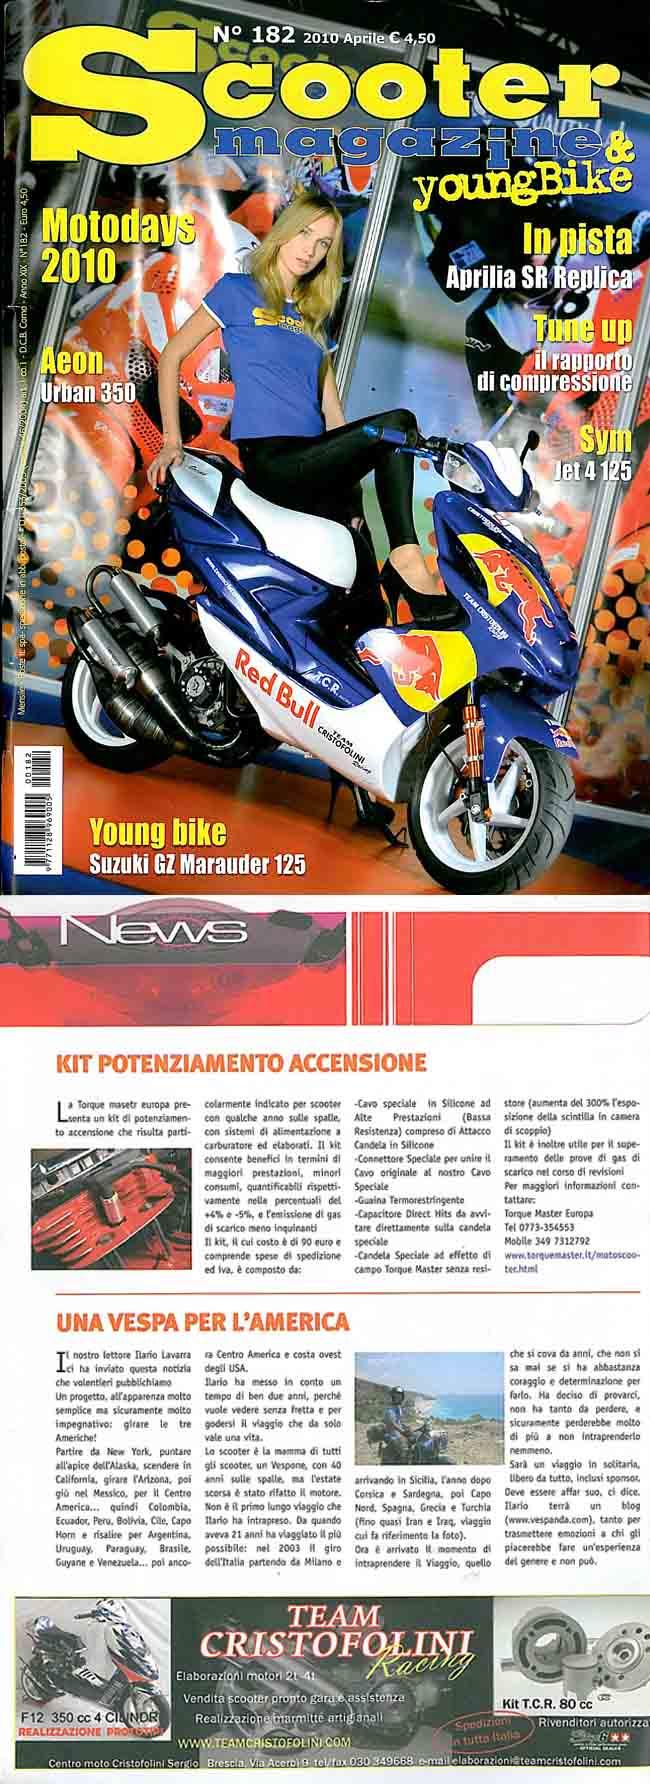 ScooterMagazine